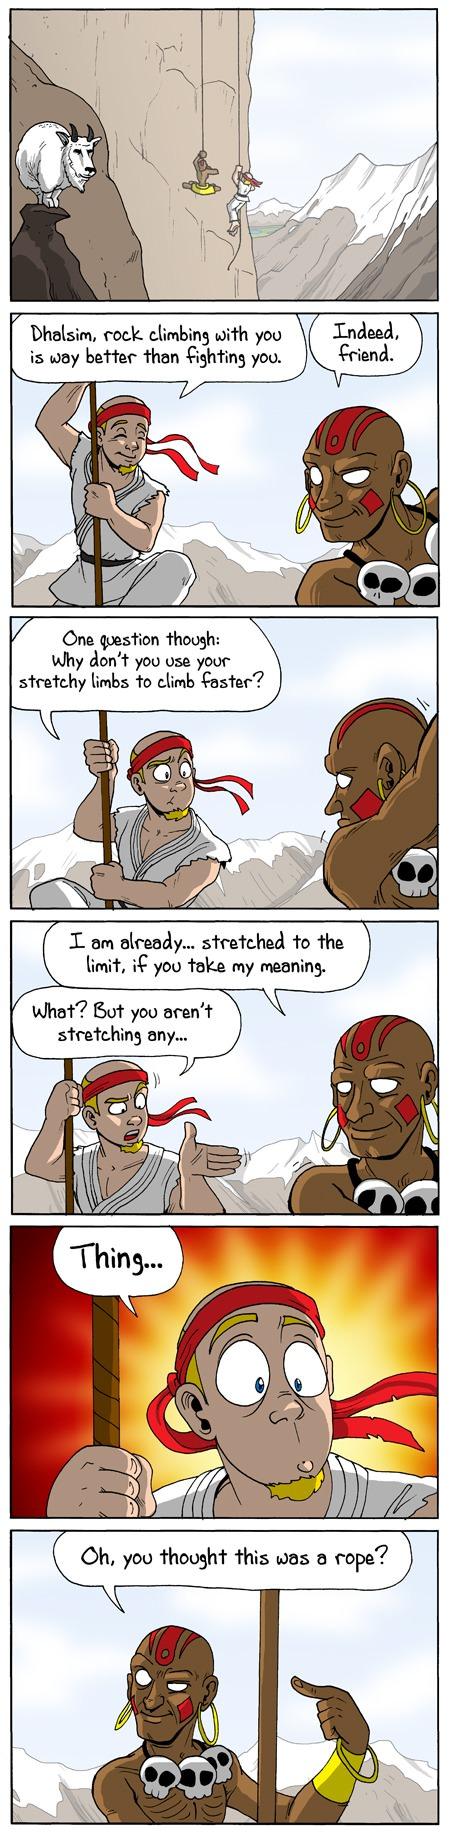 Images humoristiques ayant lien avec le jeu vidéo - Page 4 Ag97ox10